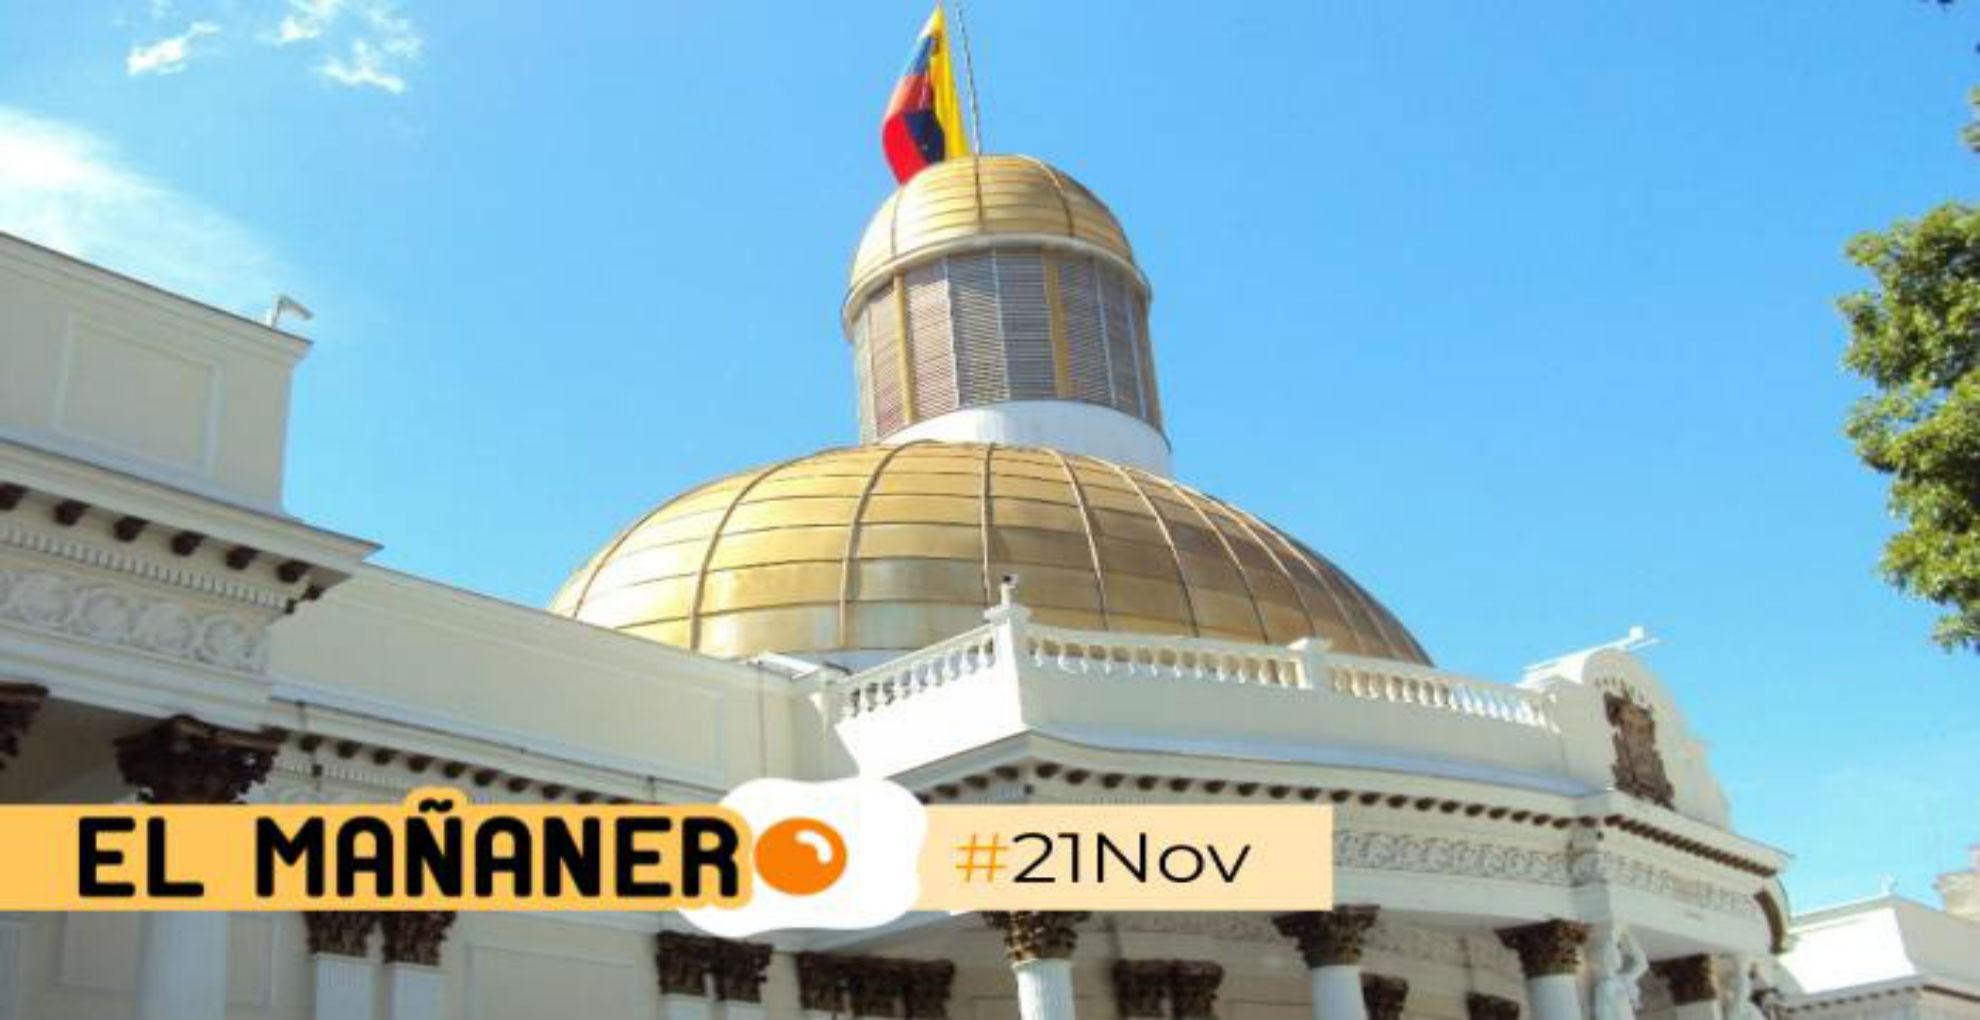 El Mañanero de hoy #21Nov: Las 8 noticias que debes saber